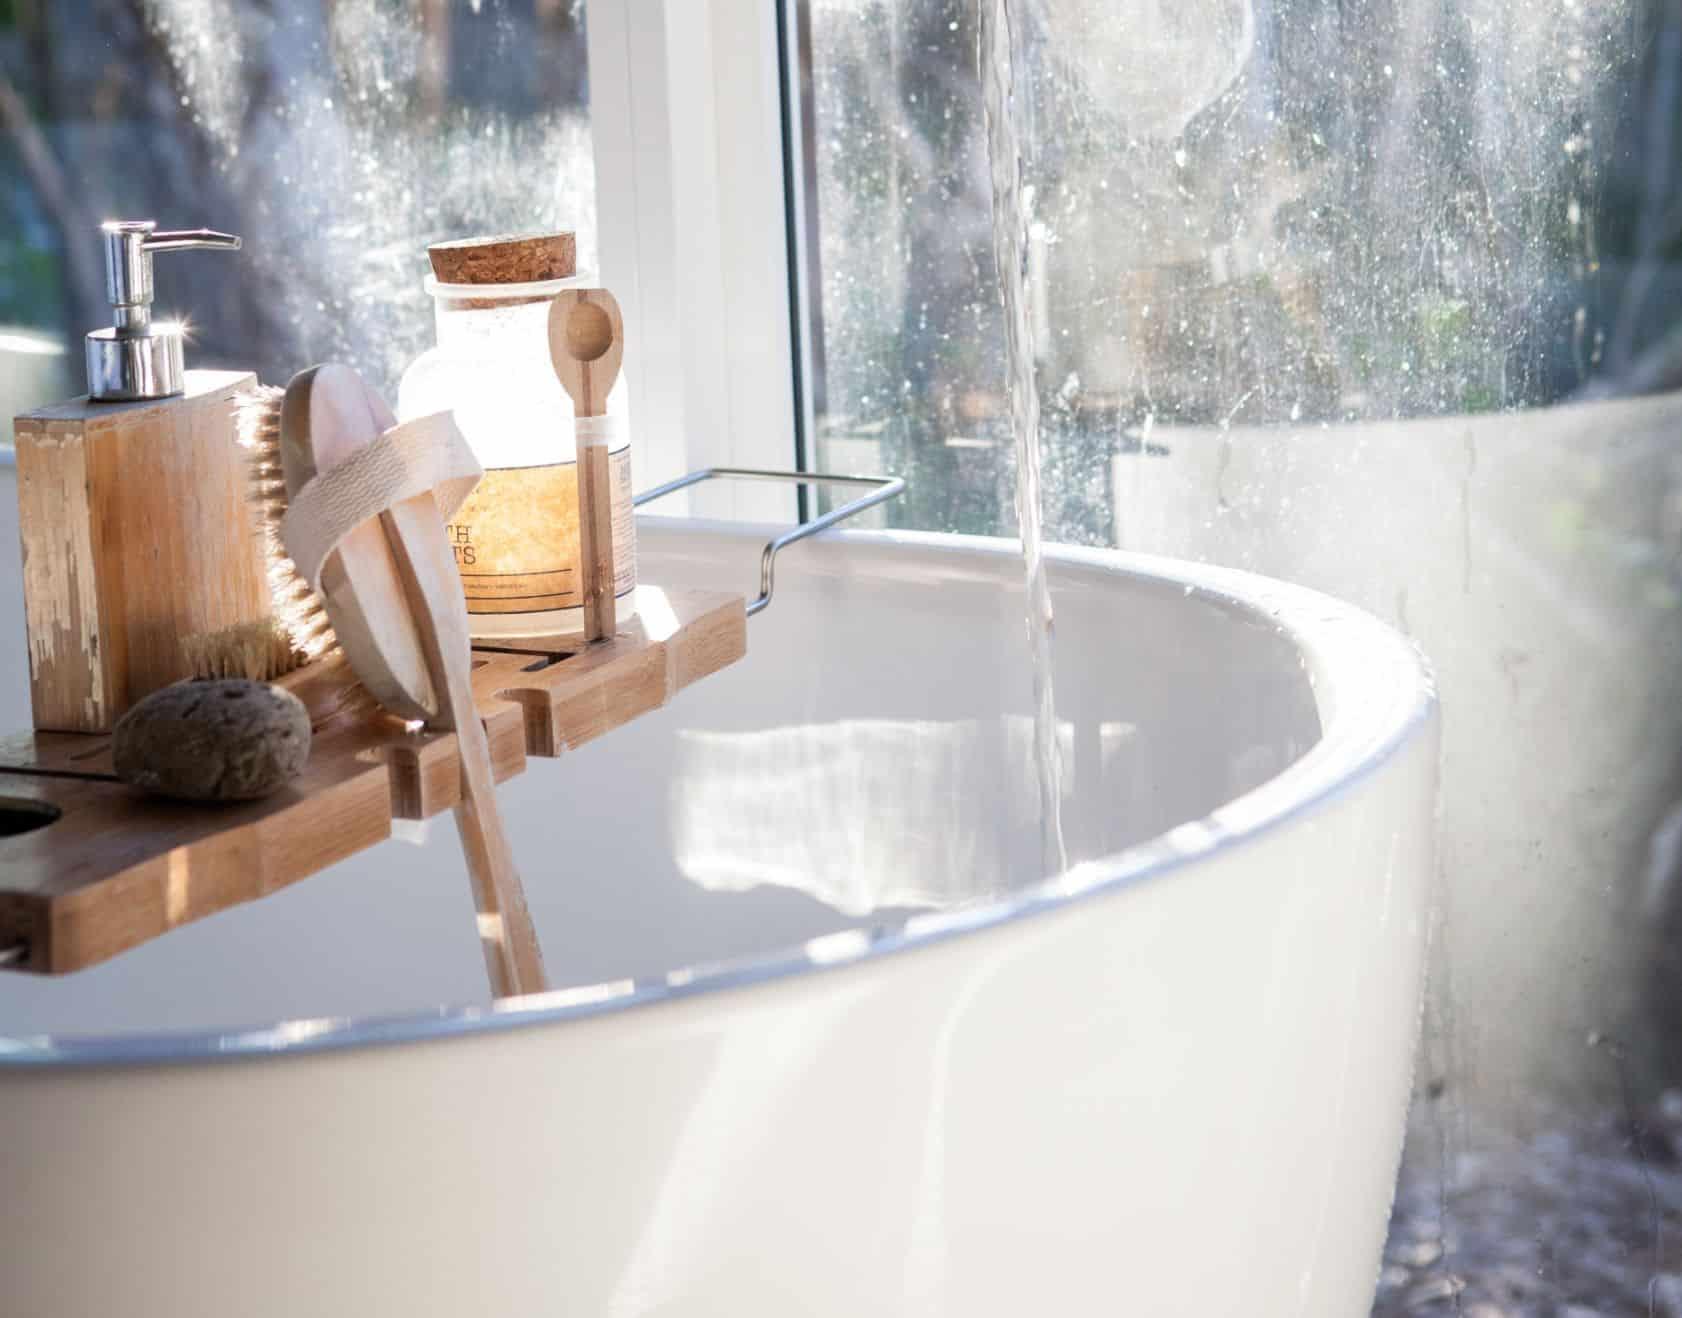 diy-wood-projects-7-diy-bathtub-tray-unsplash